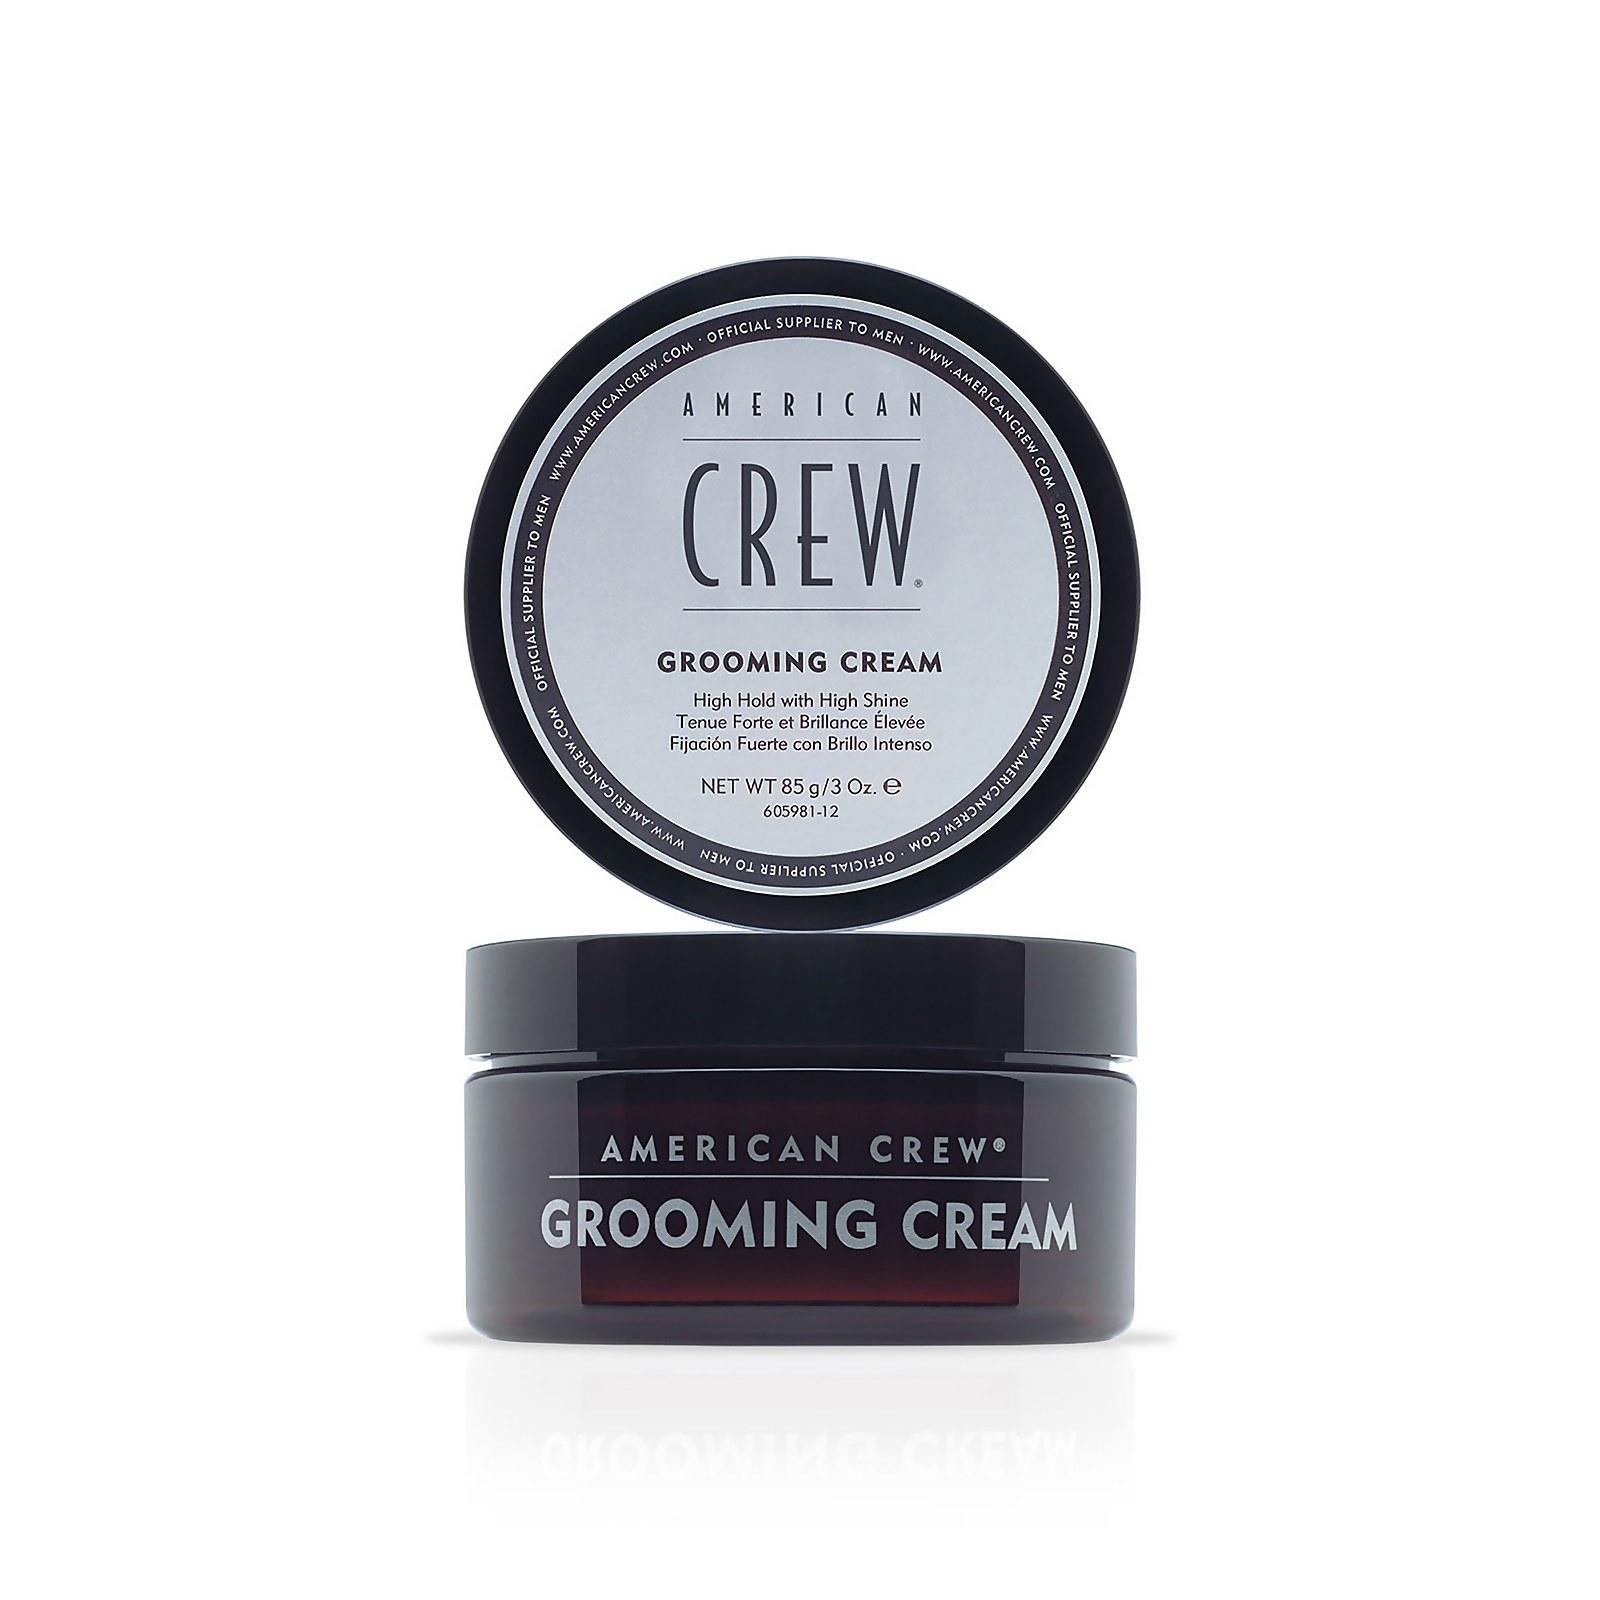 Купить Крем для стайлинга American Crew Grooming Cream85г